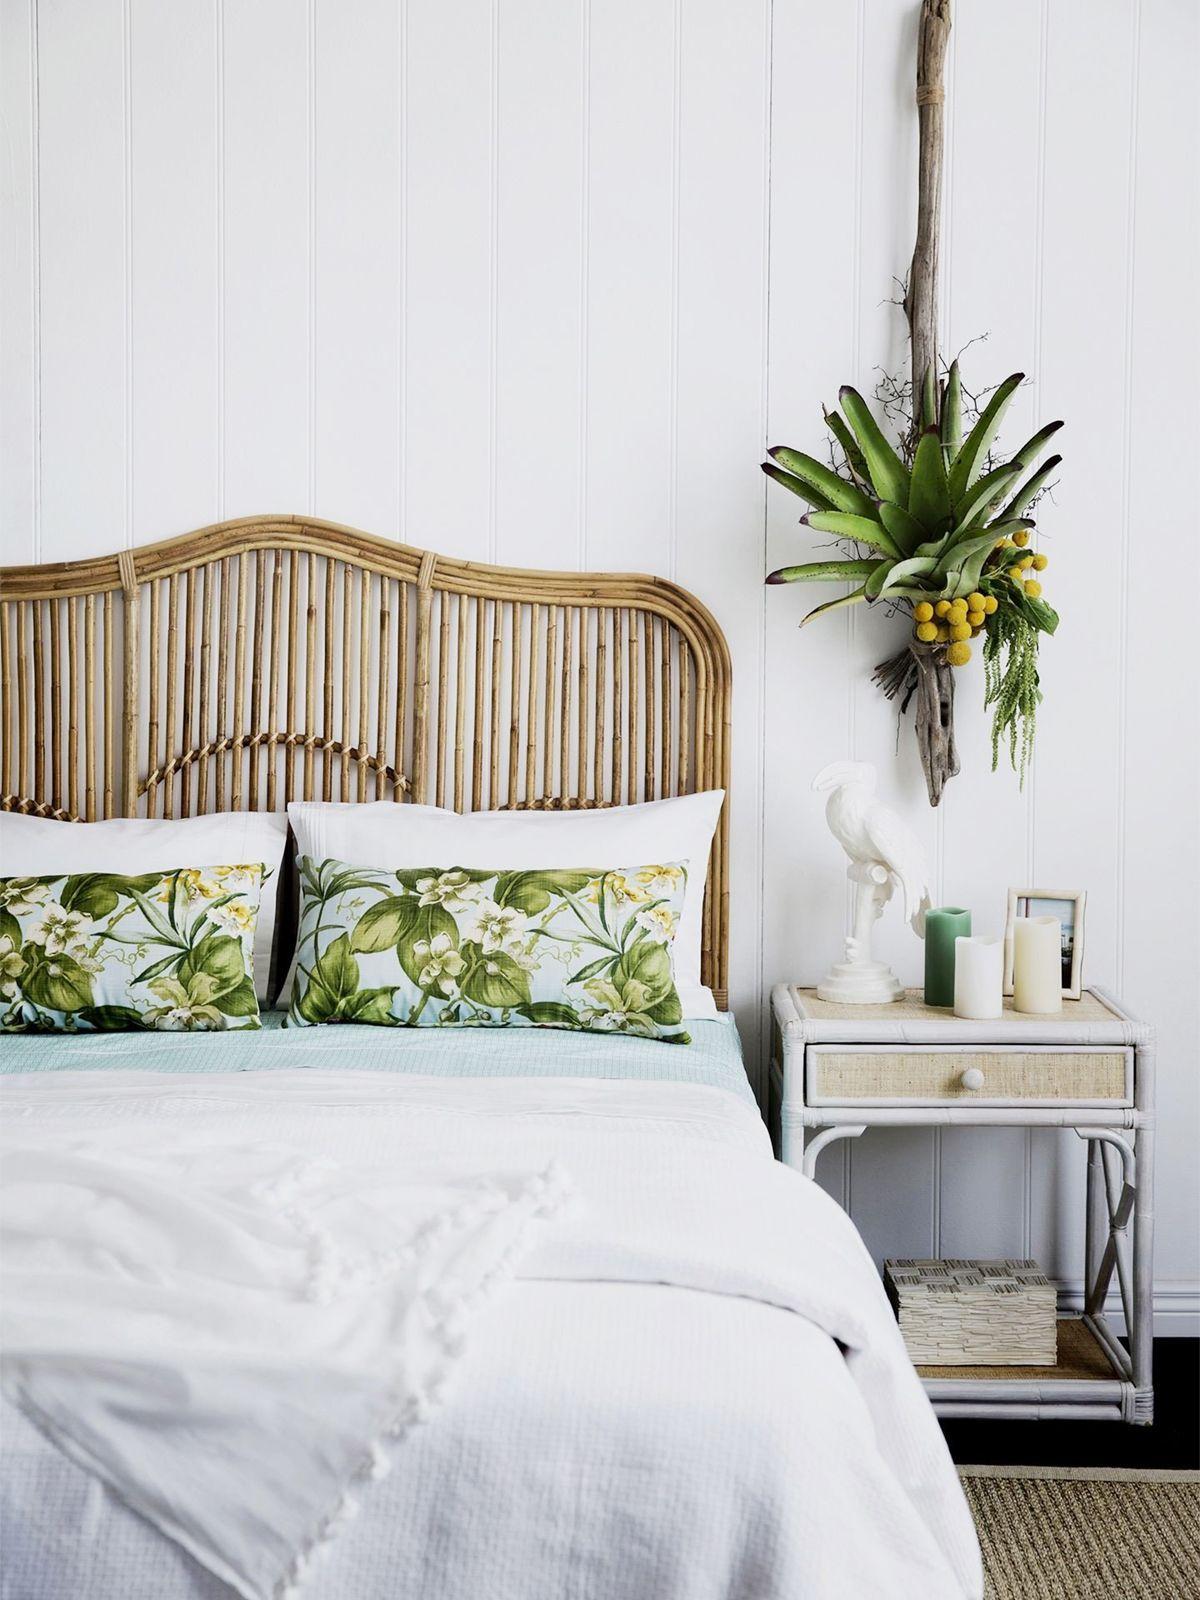 Rattan Furniture Tropical Decor - Schlafzimmer mit Rattan-Kopfteil und Palmblattkissen über homestolove.com.au